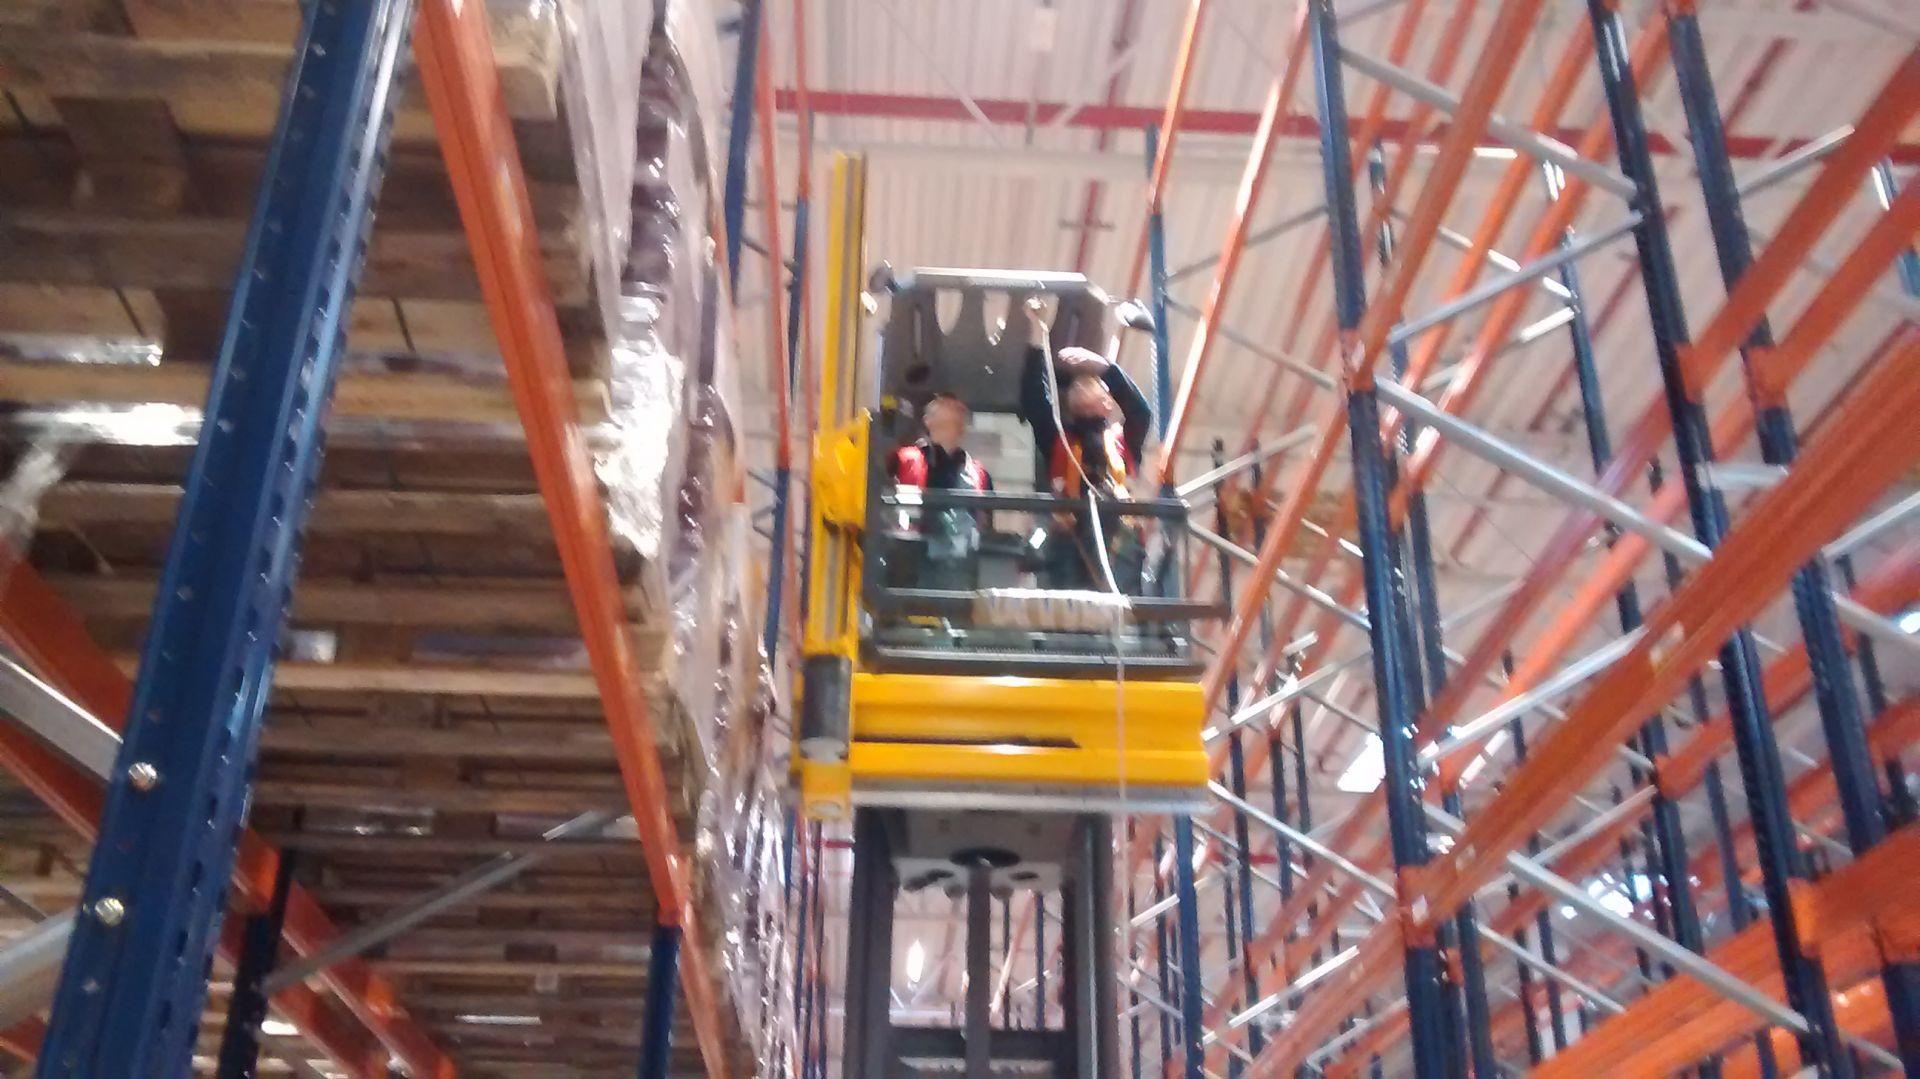 Kurs na wózki widłowe z podnoszonym operatorem - Bydgoszcz, ogłoszenia